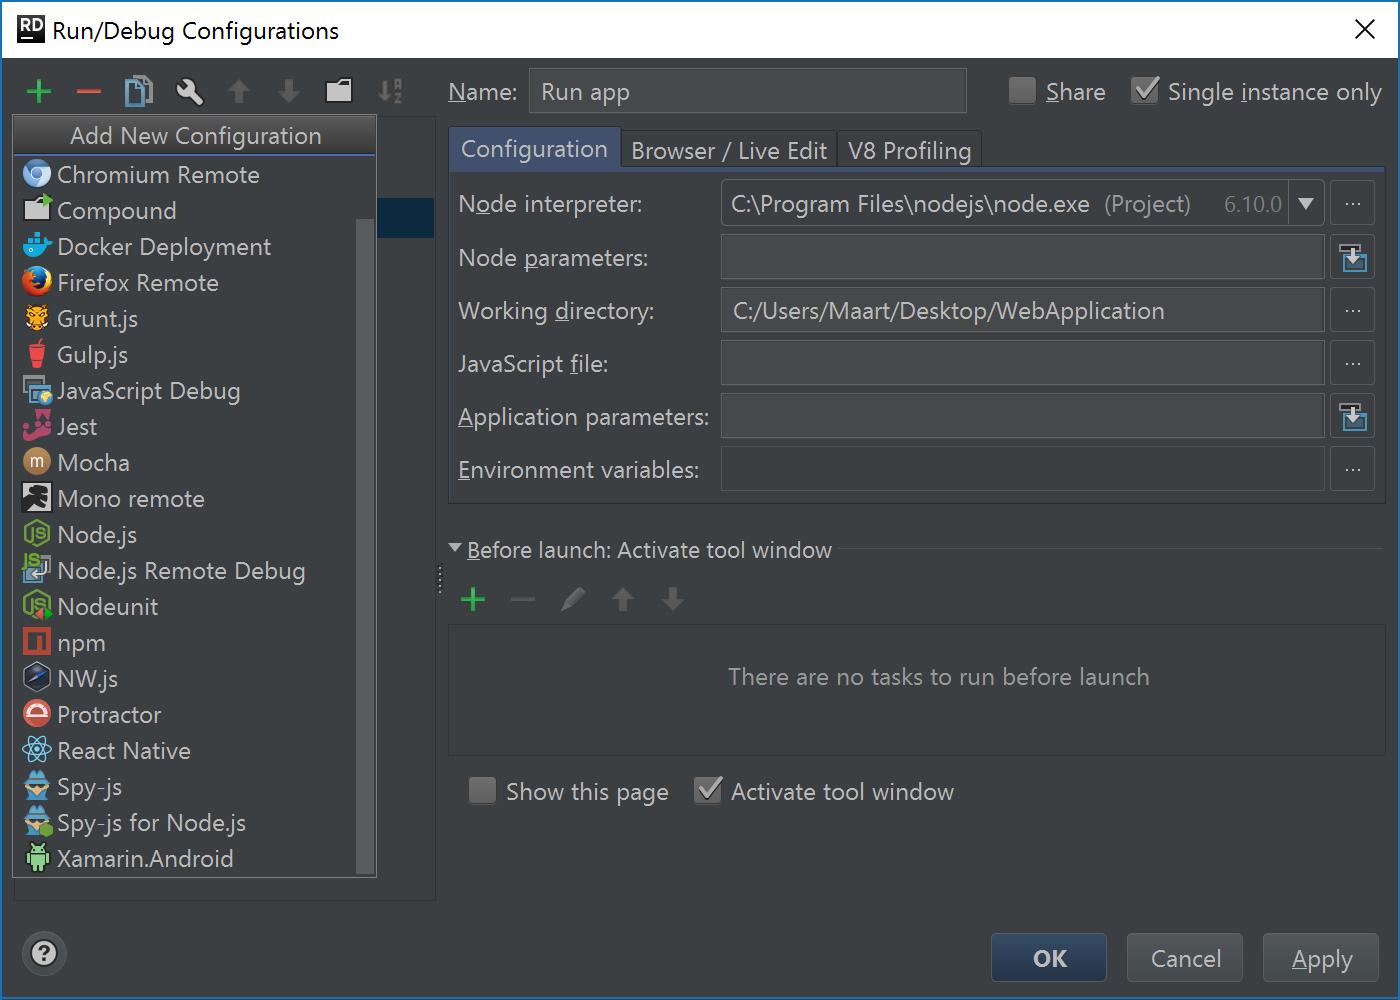 Various Node.js run configurations and frameworks